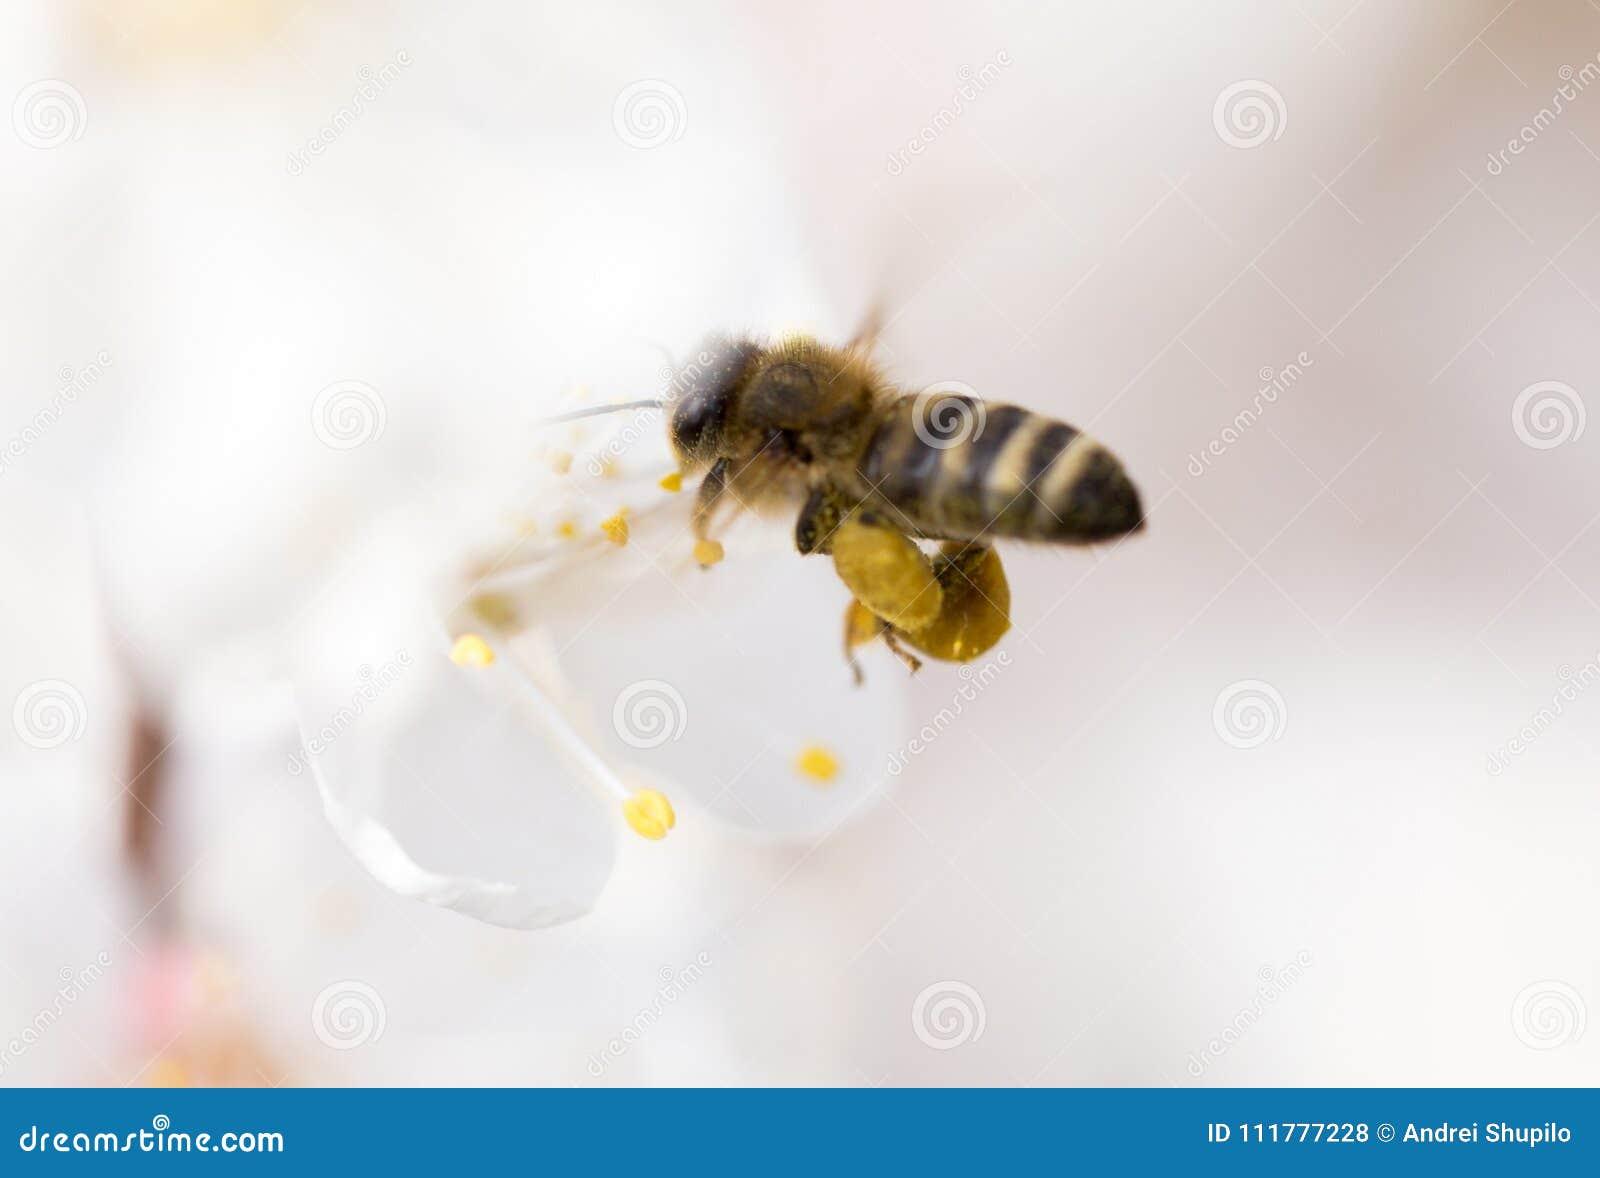 Bee in flight in nature